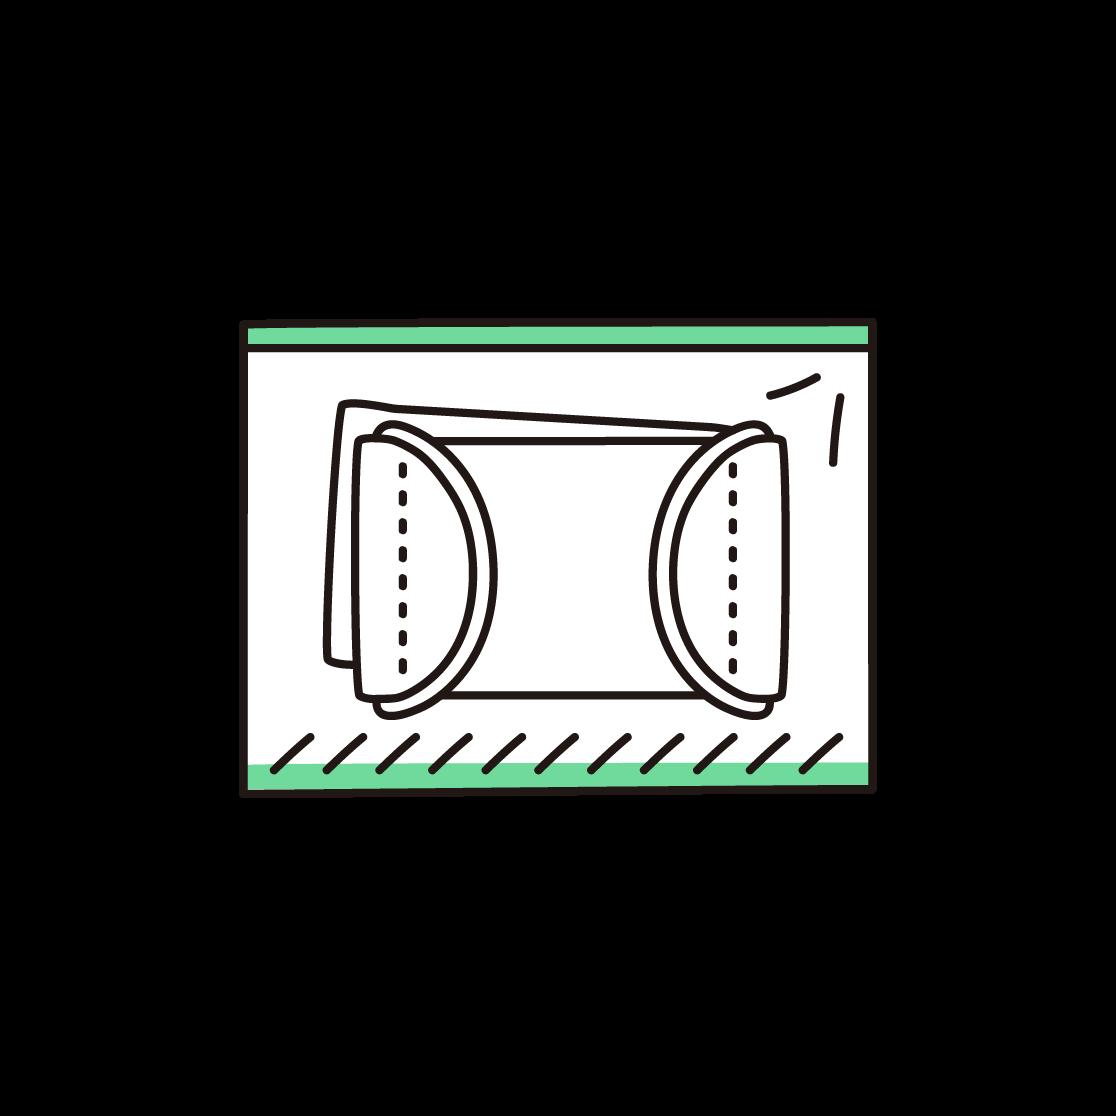 2枚入りの布マスクの単色イラスト